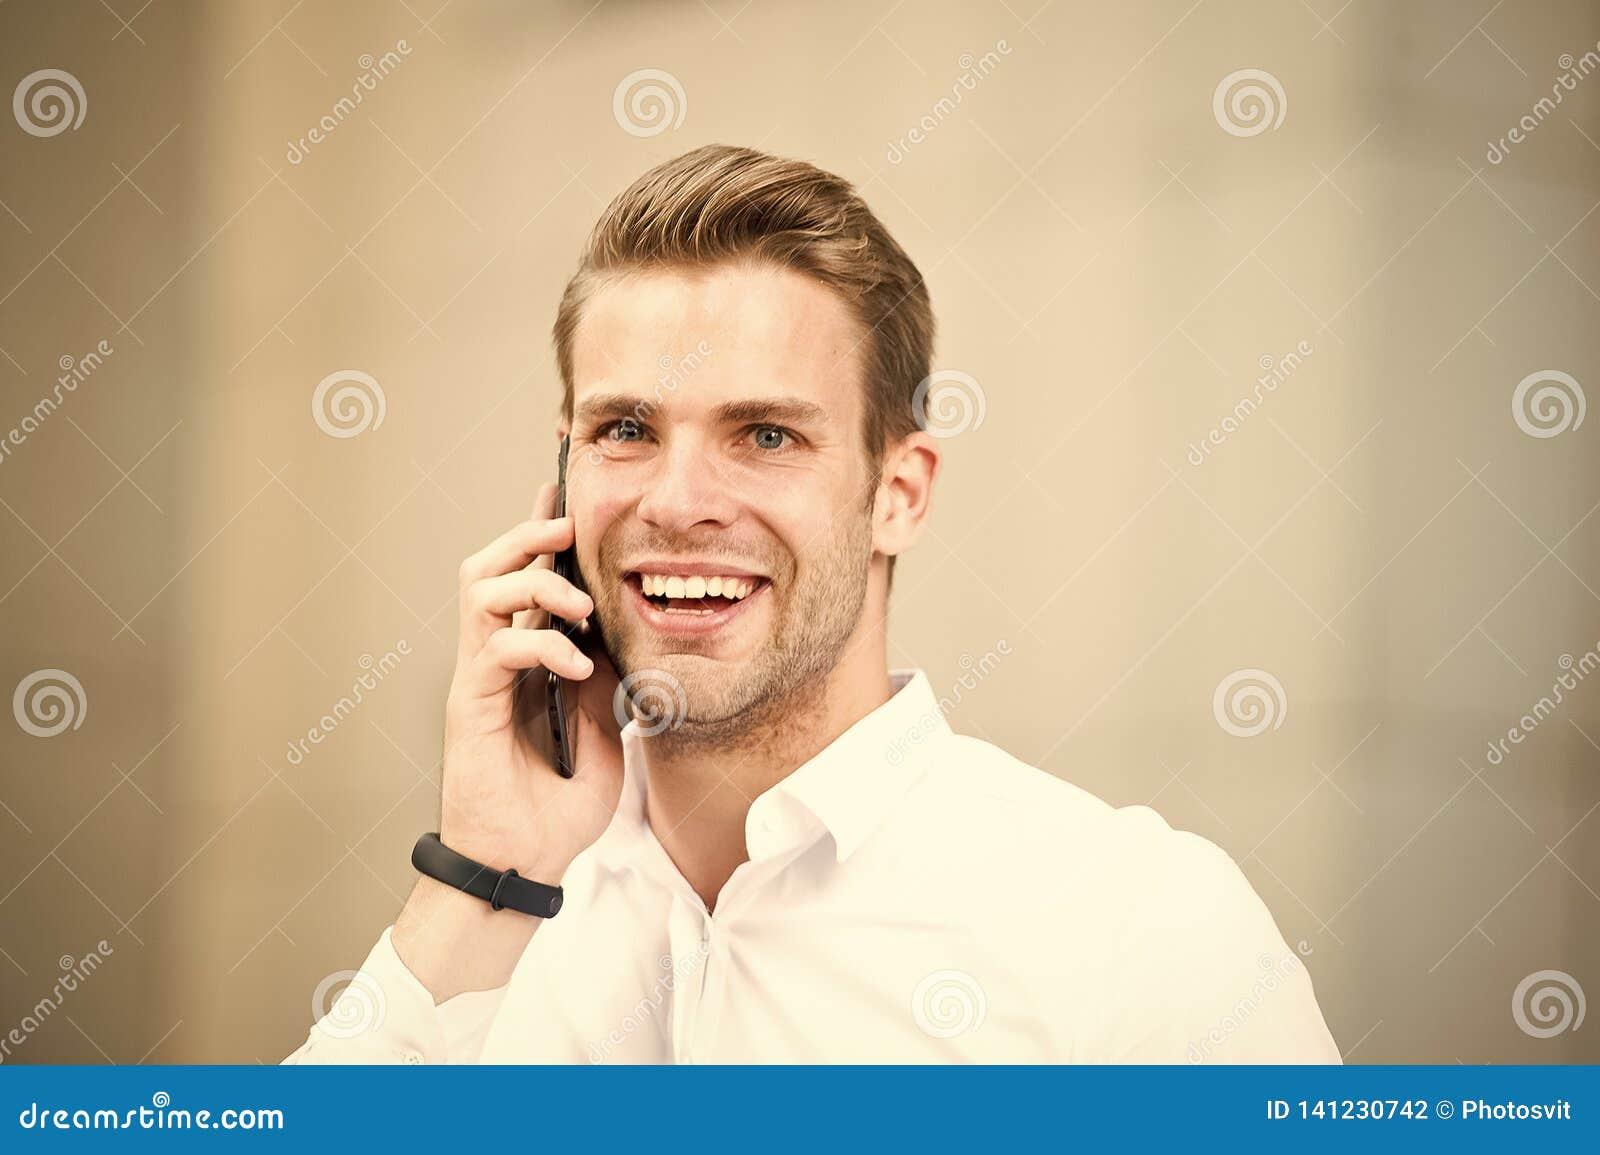 愉快听见您 在电话前度过少量分钟会集自己 成功的电话交谈技巧 成功